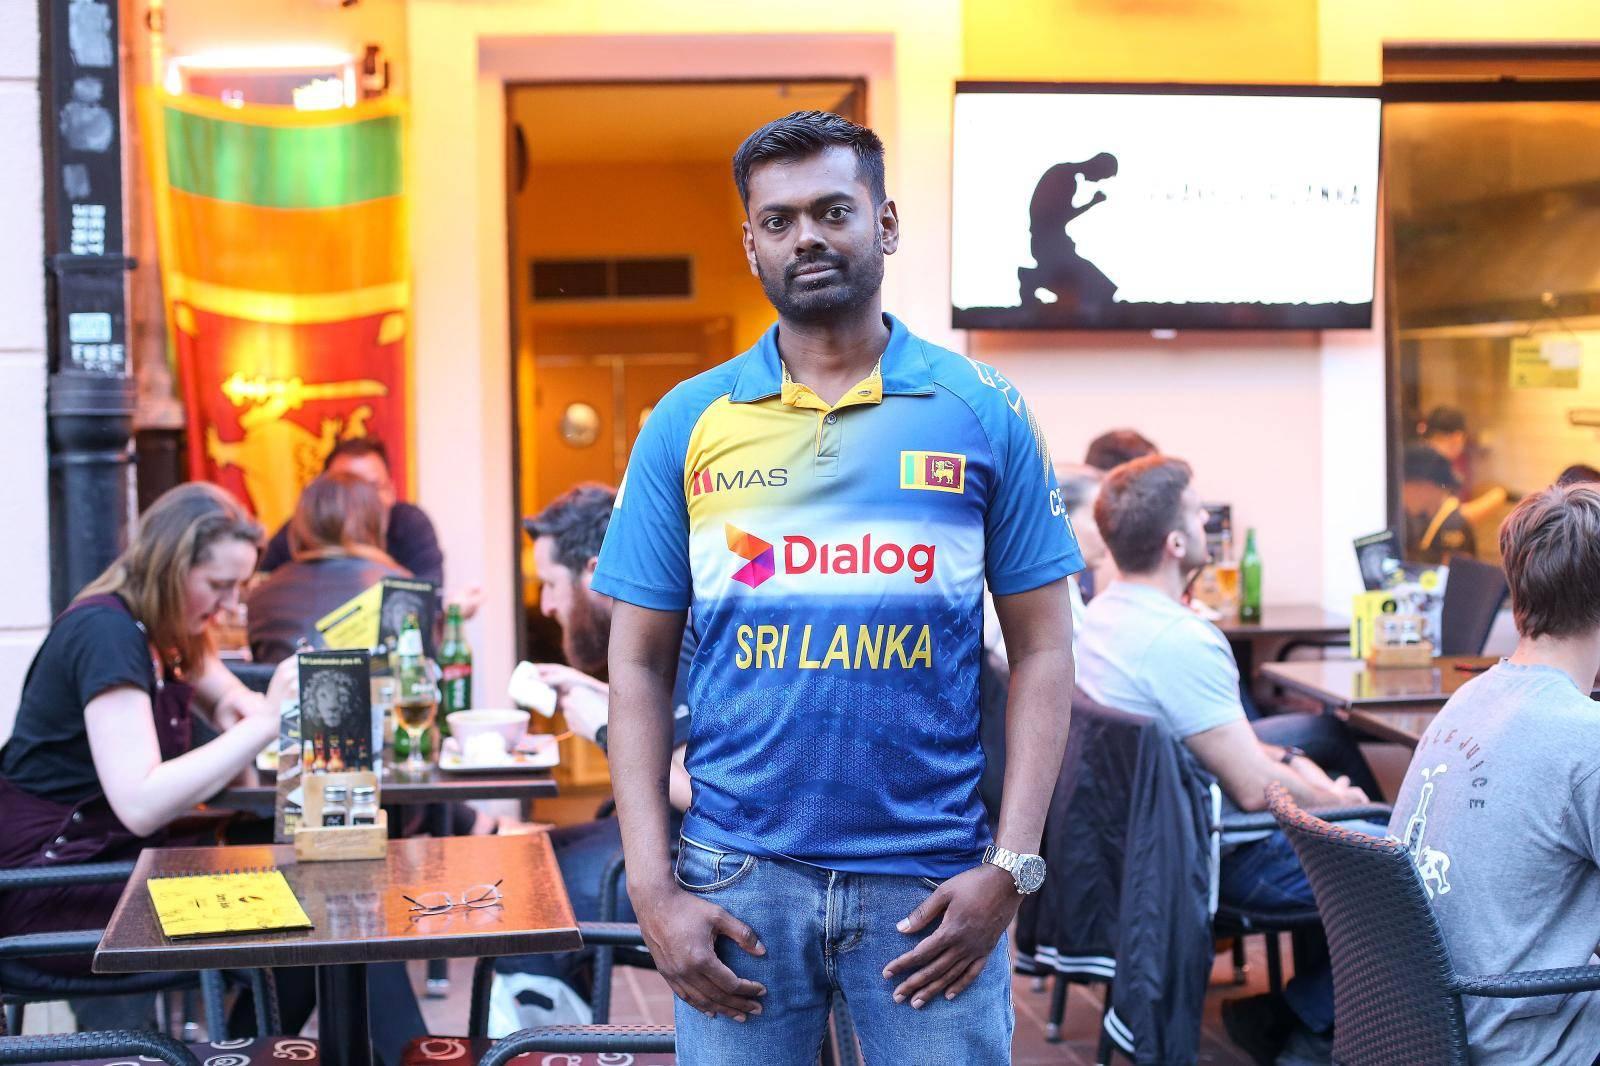 Ugostitelj iz Šri Lanke: 'Majka je za dlaku izbjegla eksploziju'